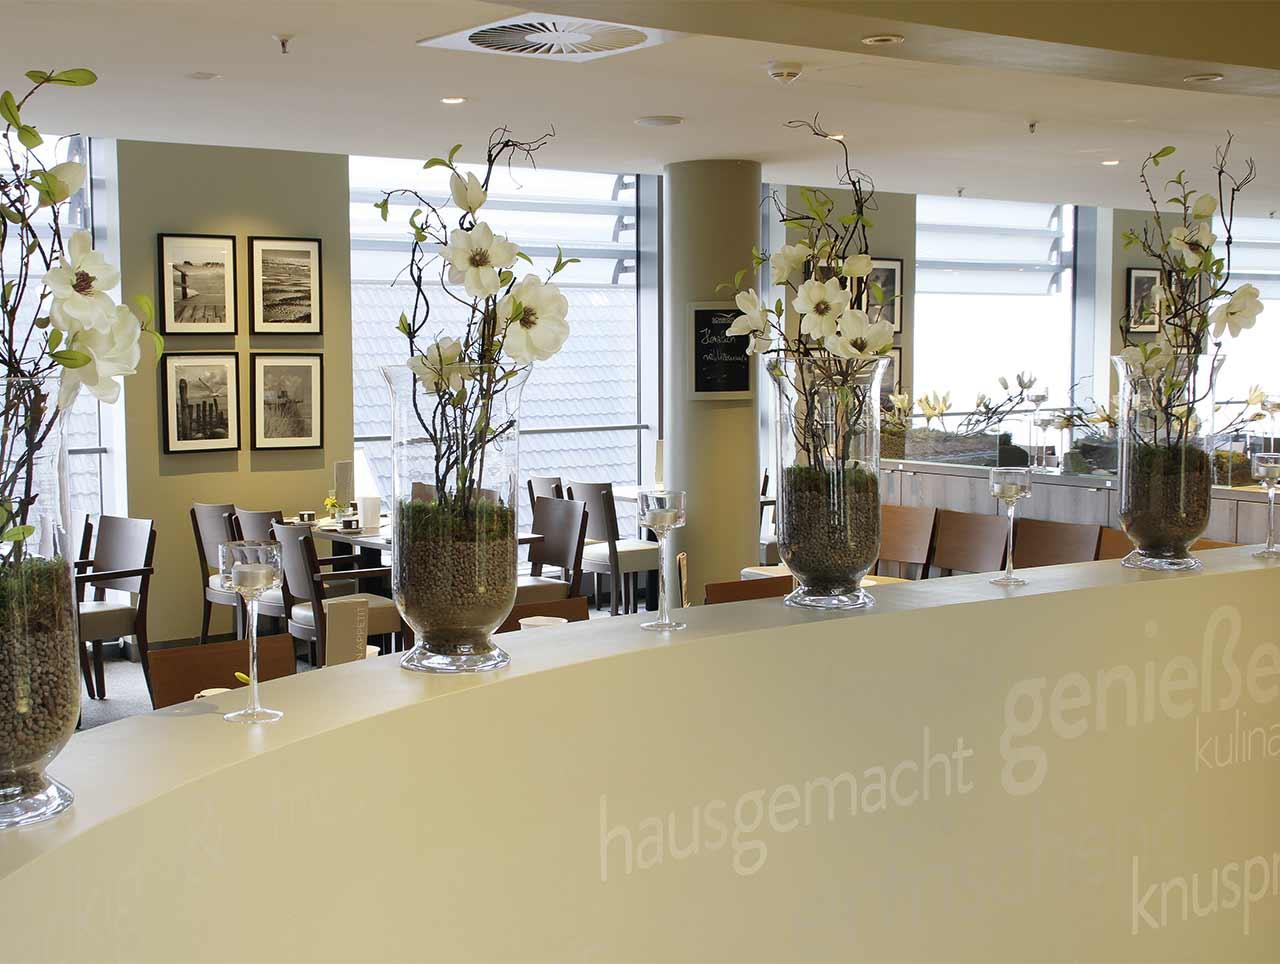 0b2e981326f2a9 Café-Restaurant im Modehaus CJ Schmidt in Husum  Treffpunkt für  Einheimische und Touristen